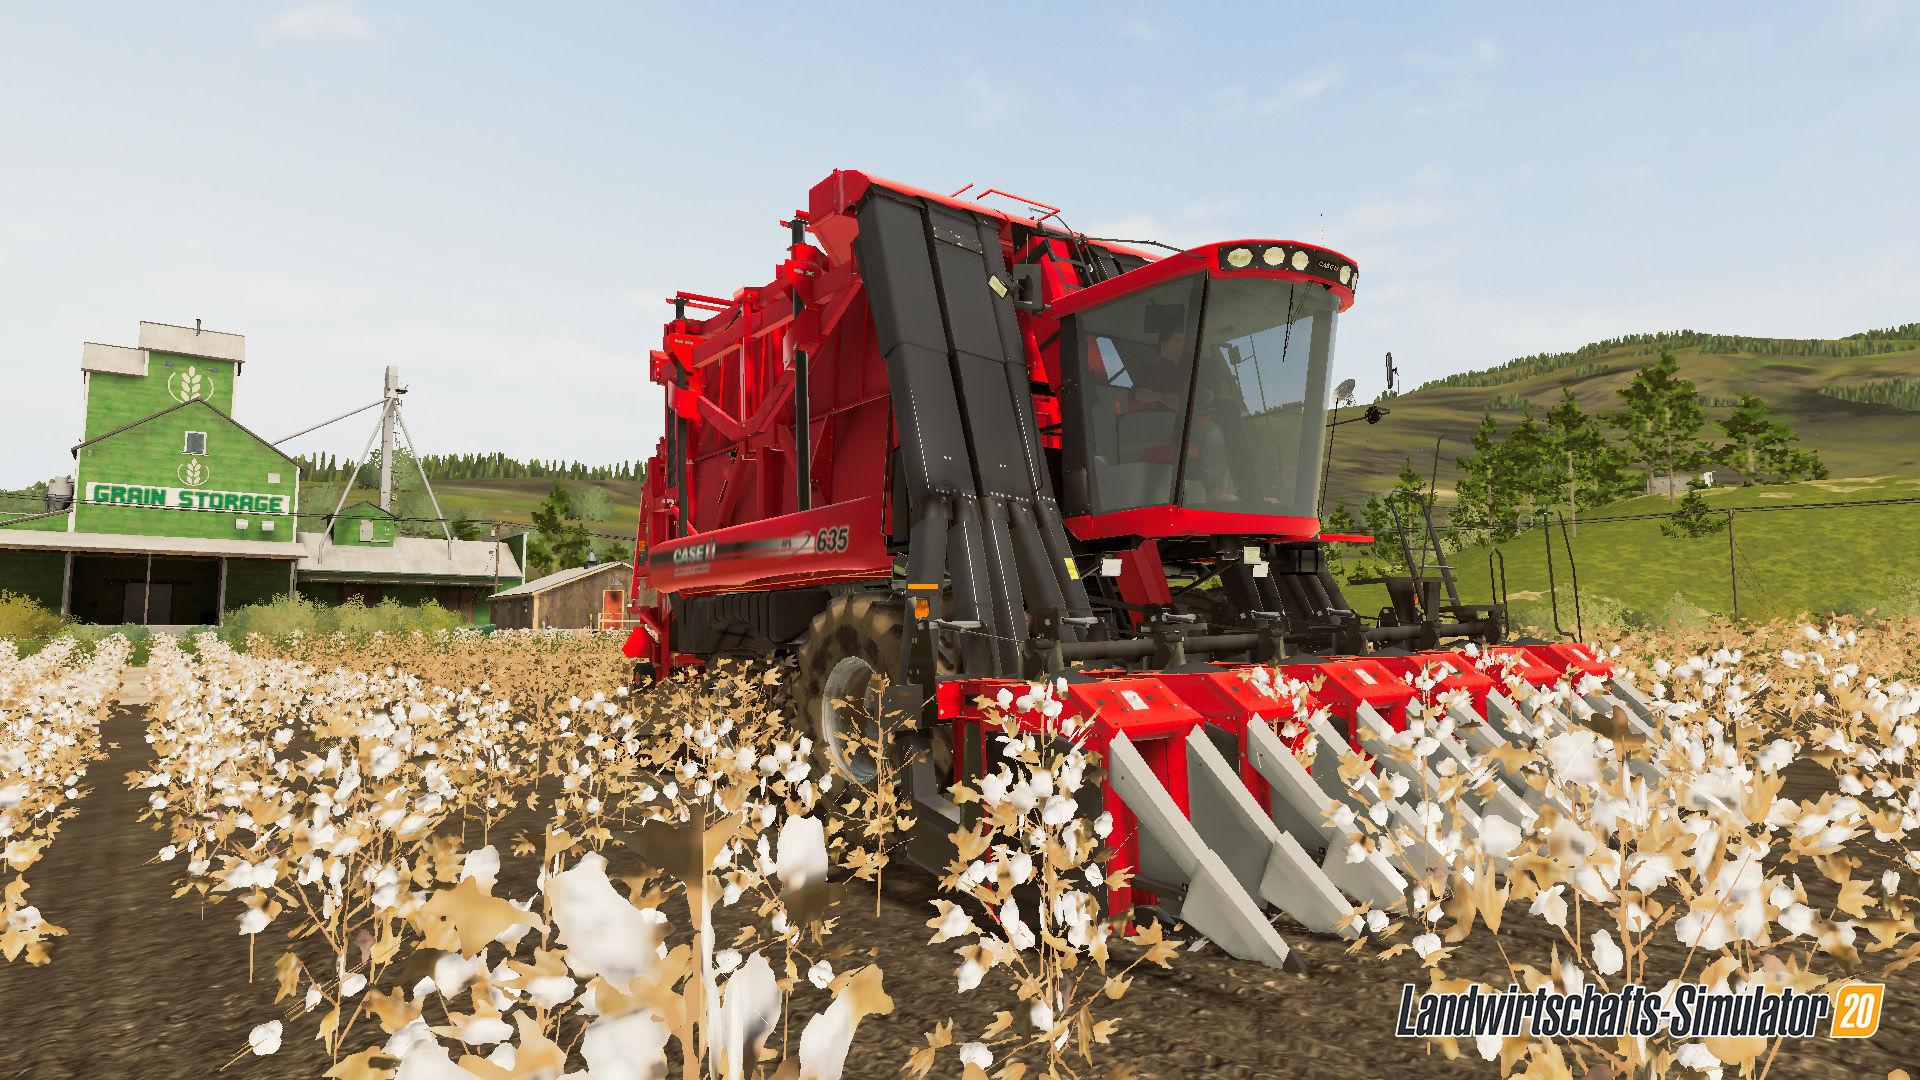 Landwirtschafts-Simulator-20